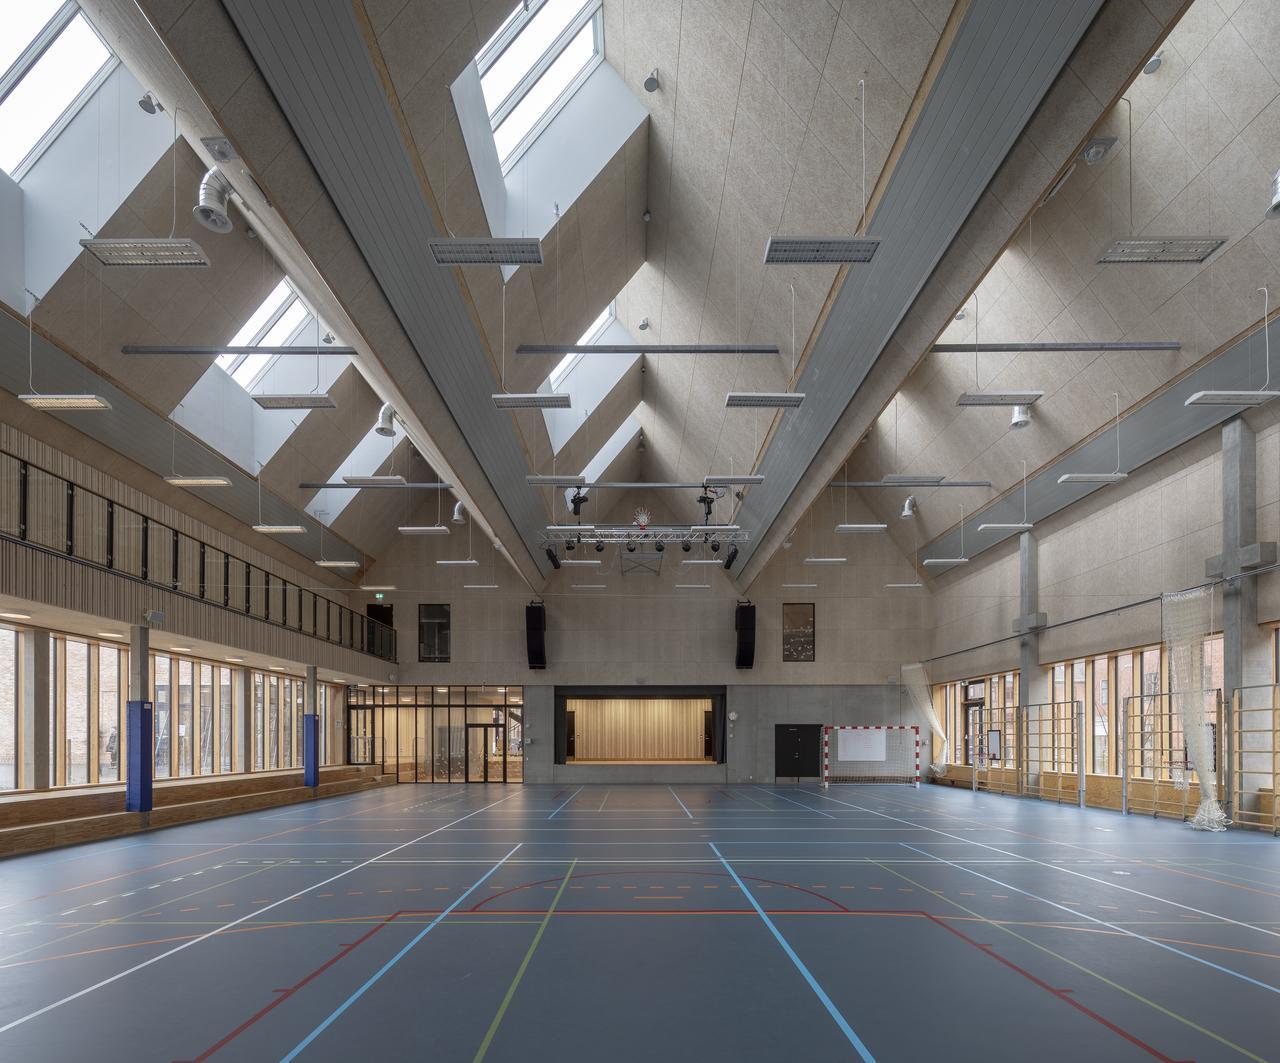 Дизайн фитнес и спортзала на мансардном этаже: фото #0045 Дизайн интерьера фитнес и спортзала на мансарде 100+ фото